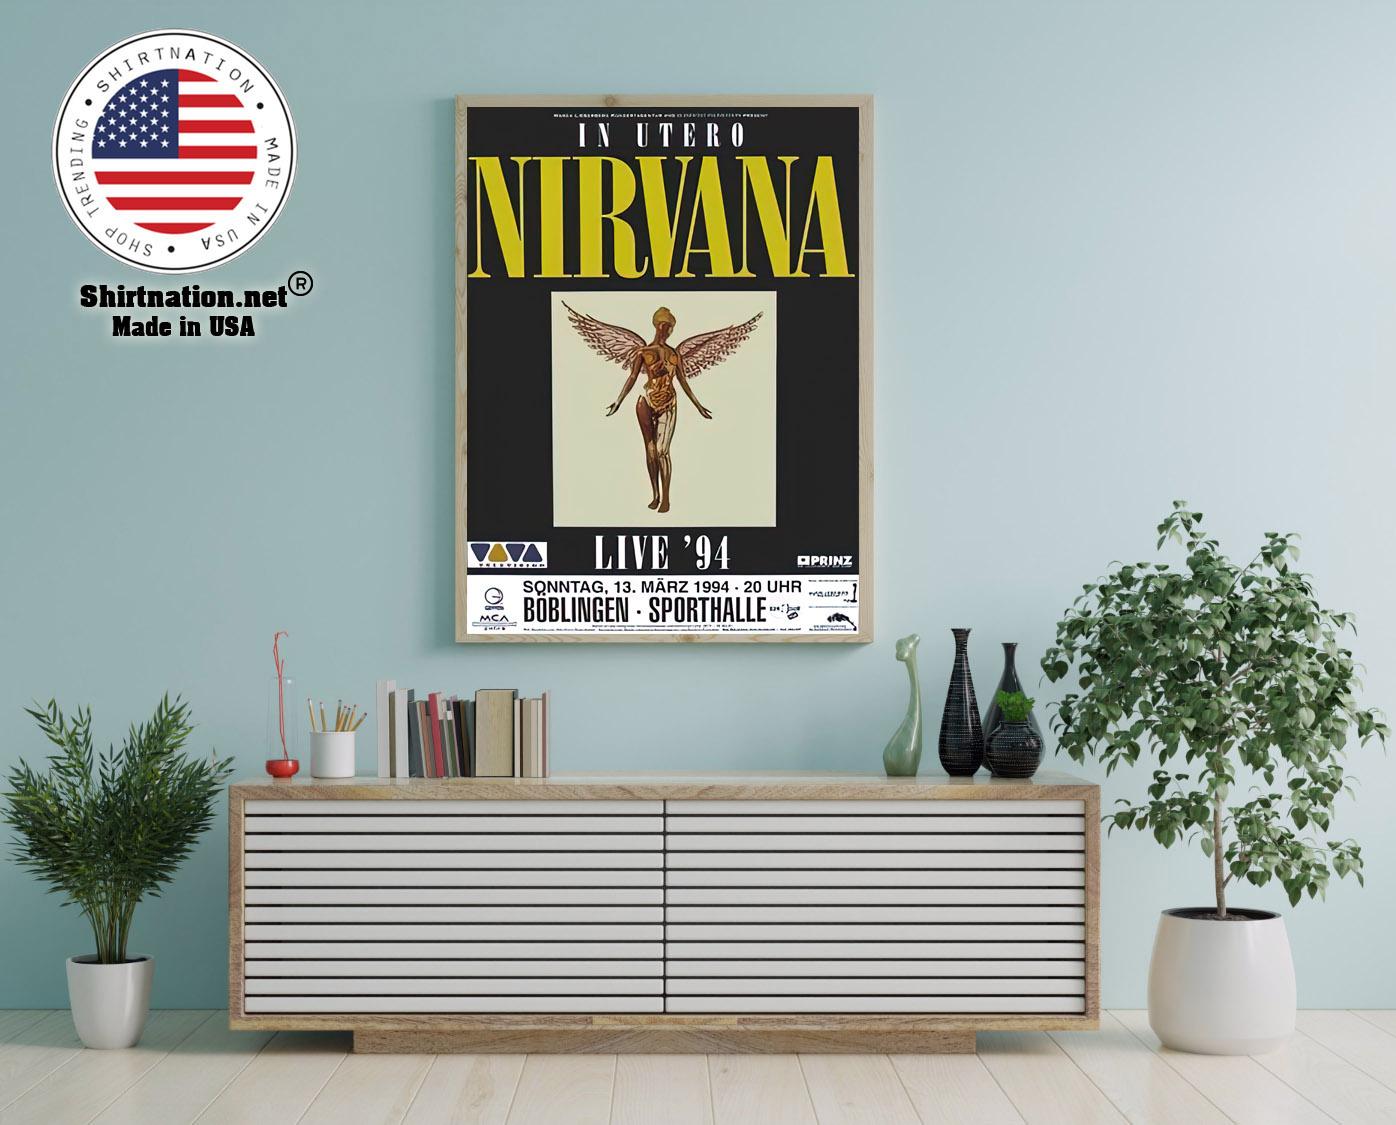 Nirvana live 94 Boblingen poster 12